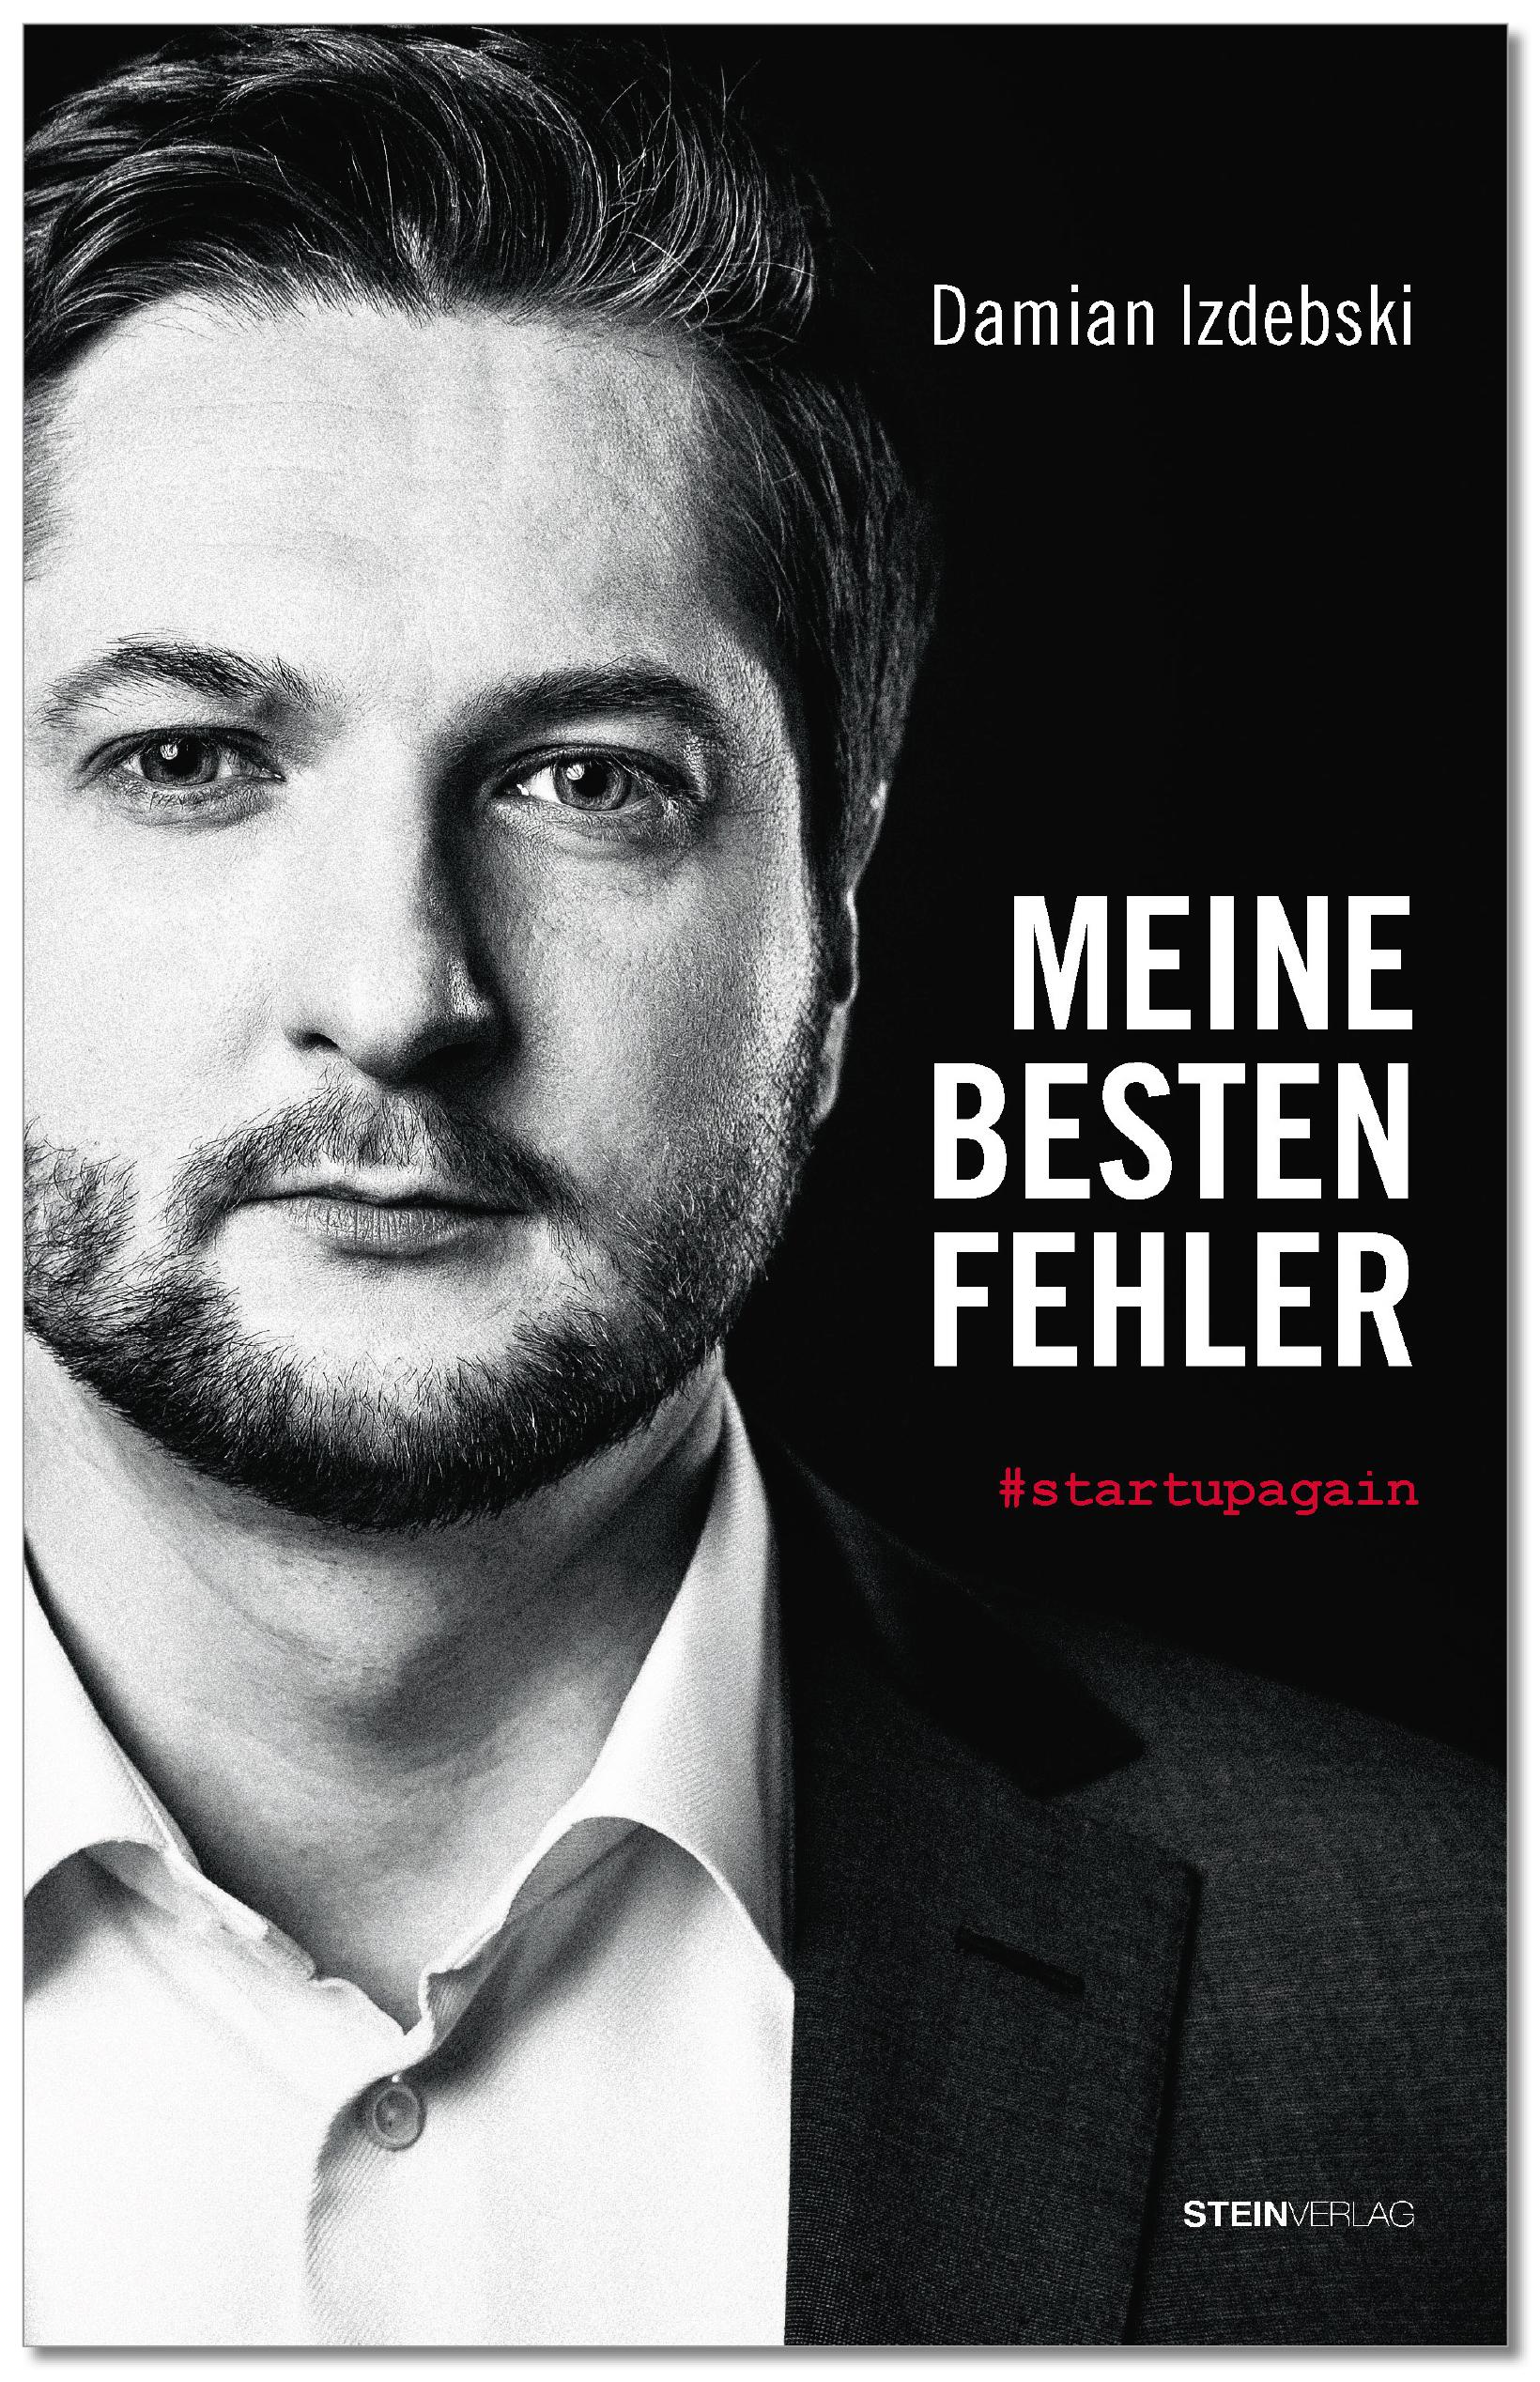 MEINE BESTEN FEHLER cover (jpg)